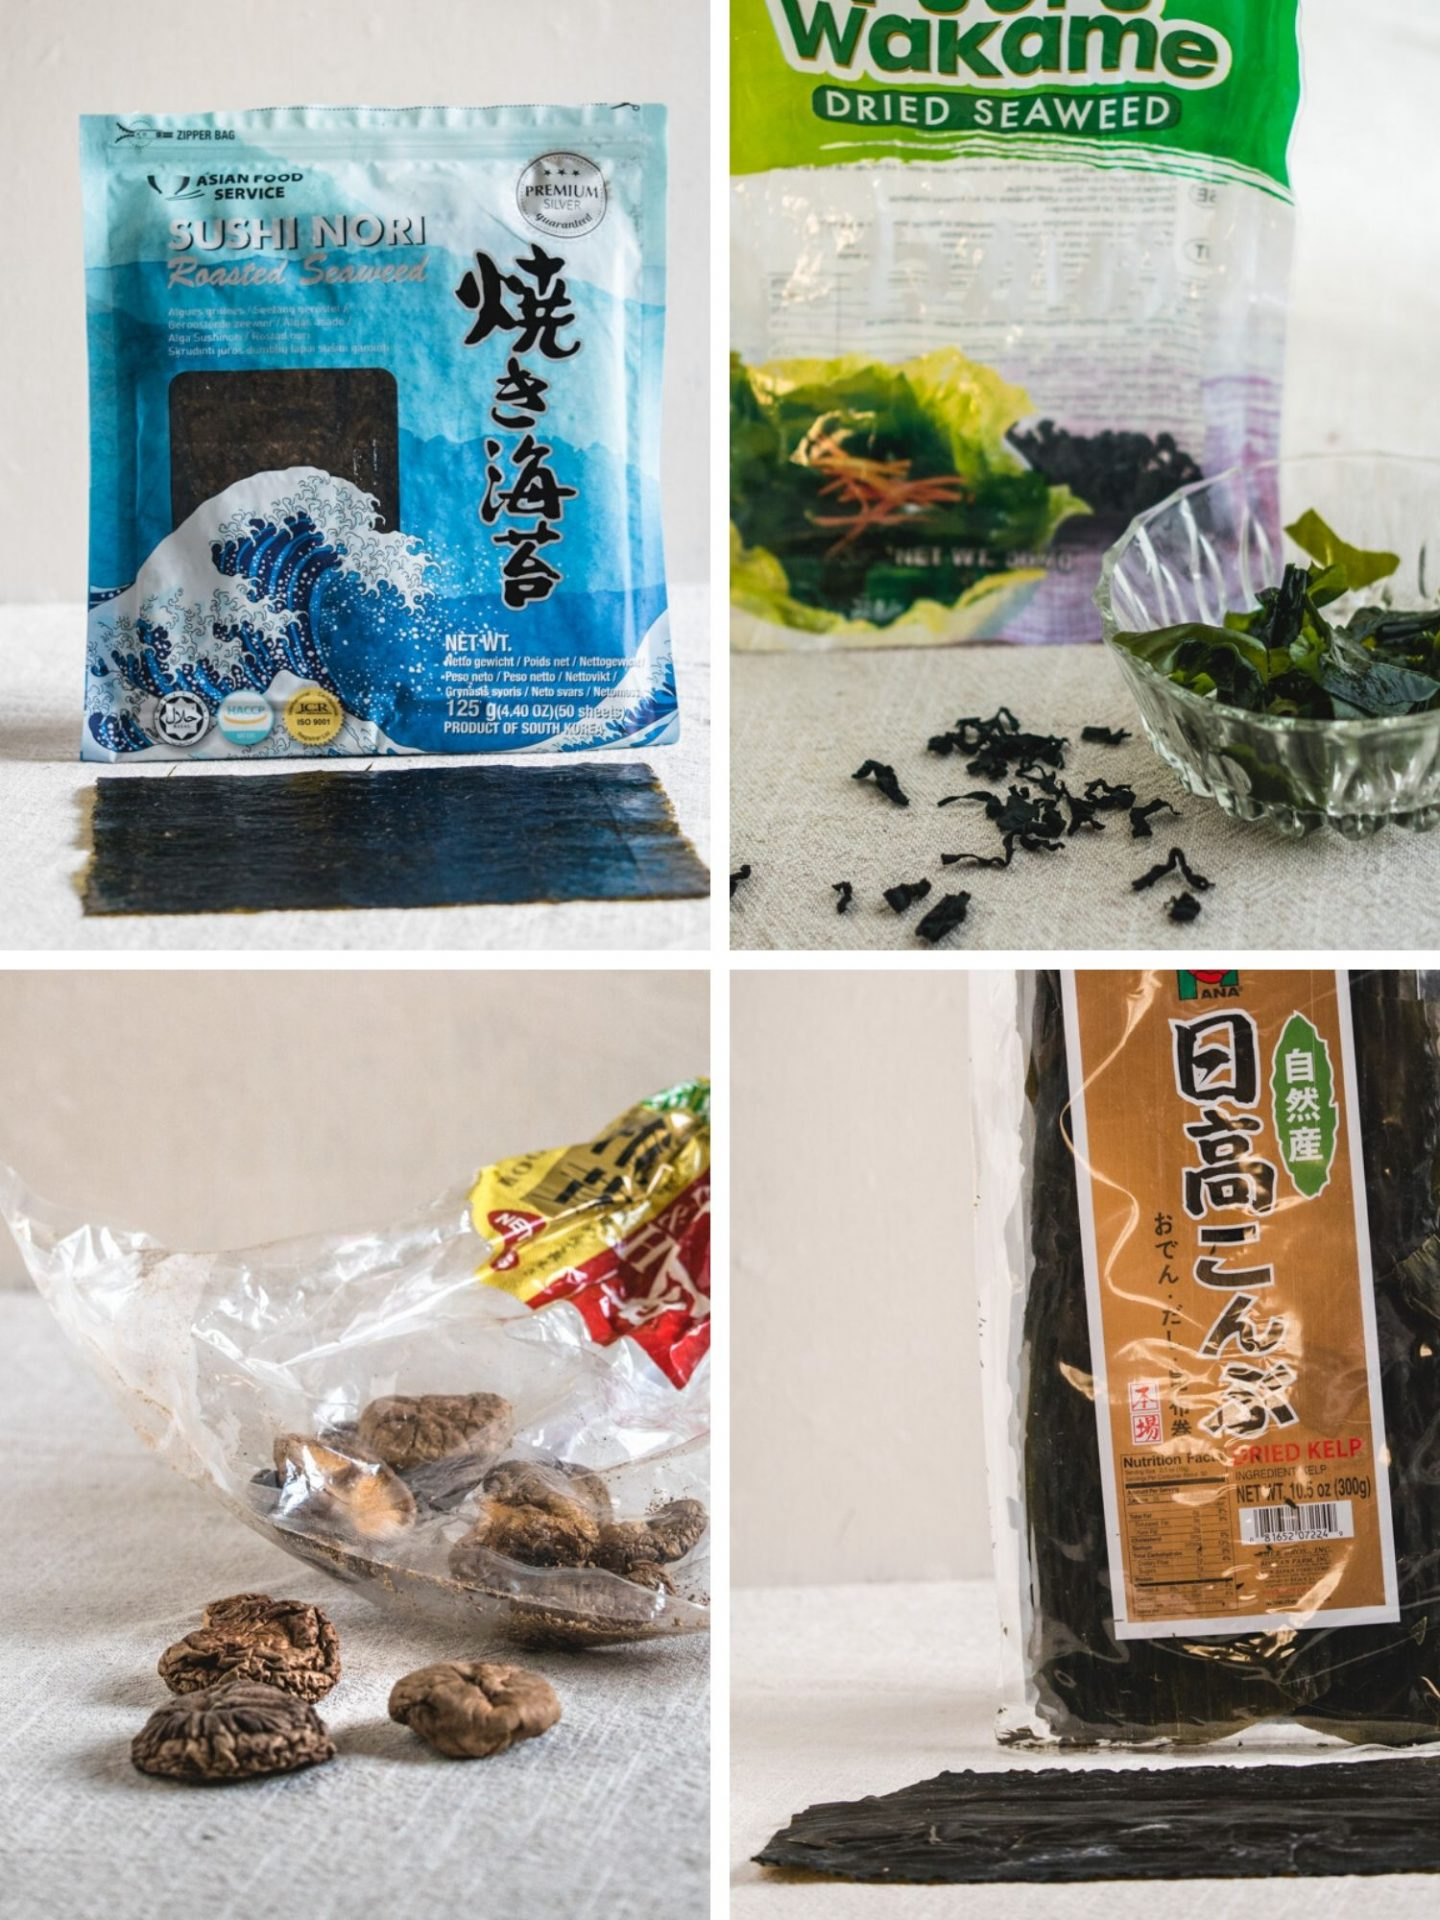 Lekker vegan en vegetarisch koken is zo veel makkelijker met umami-rijke Japanse smaakmakers. Welke ingrediënten heb je nodig voor de kenmerkende verfijnde Japanse smaken? Lees snel verder.